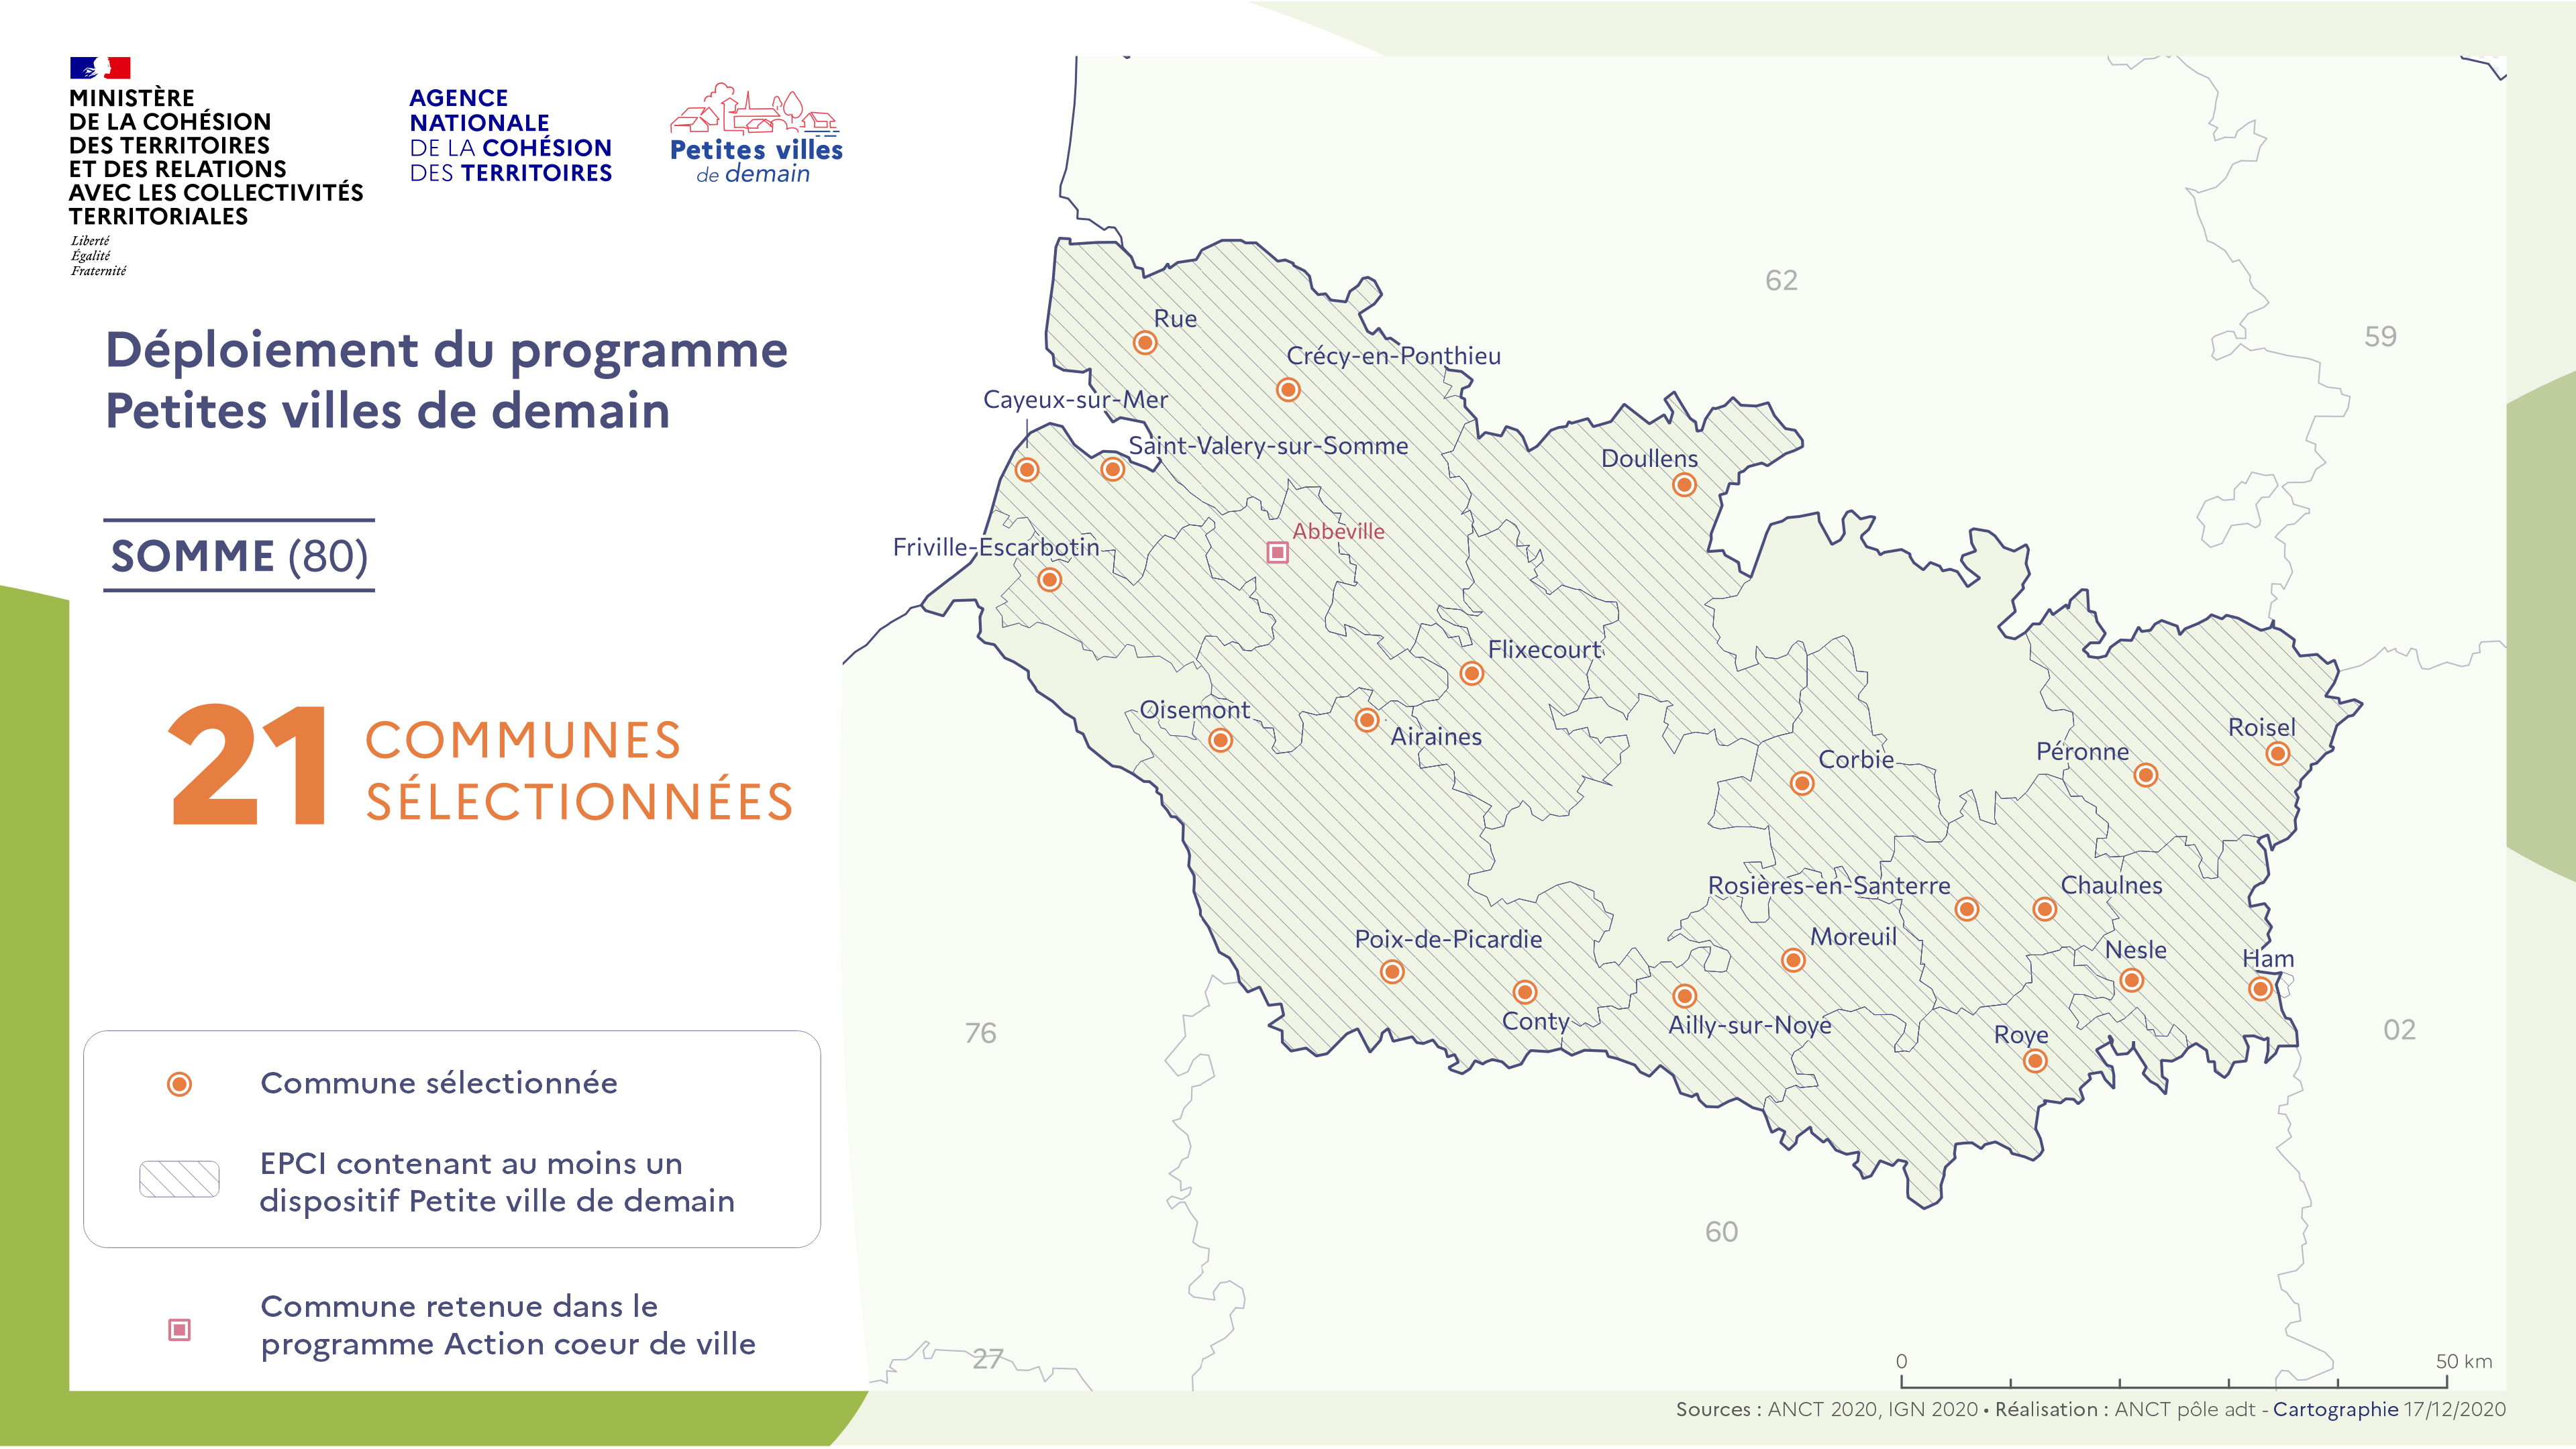 La carte du mois. Programme Petites Villes de demain: Liste des communes retenues du Grand Amiénois